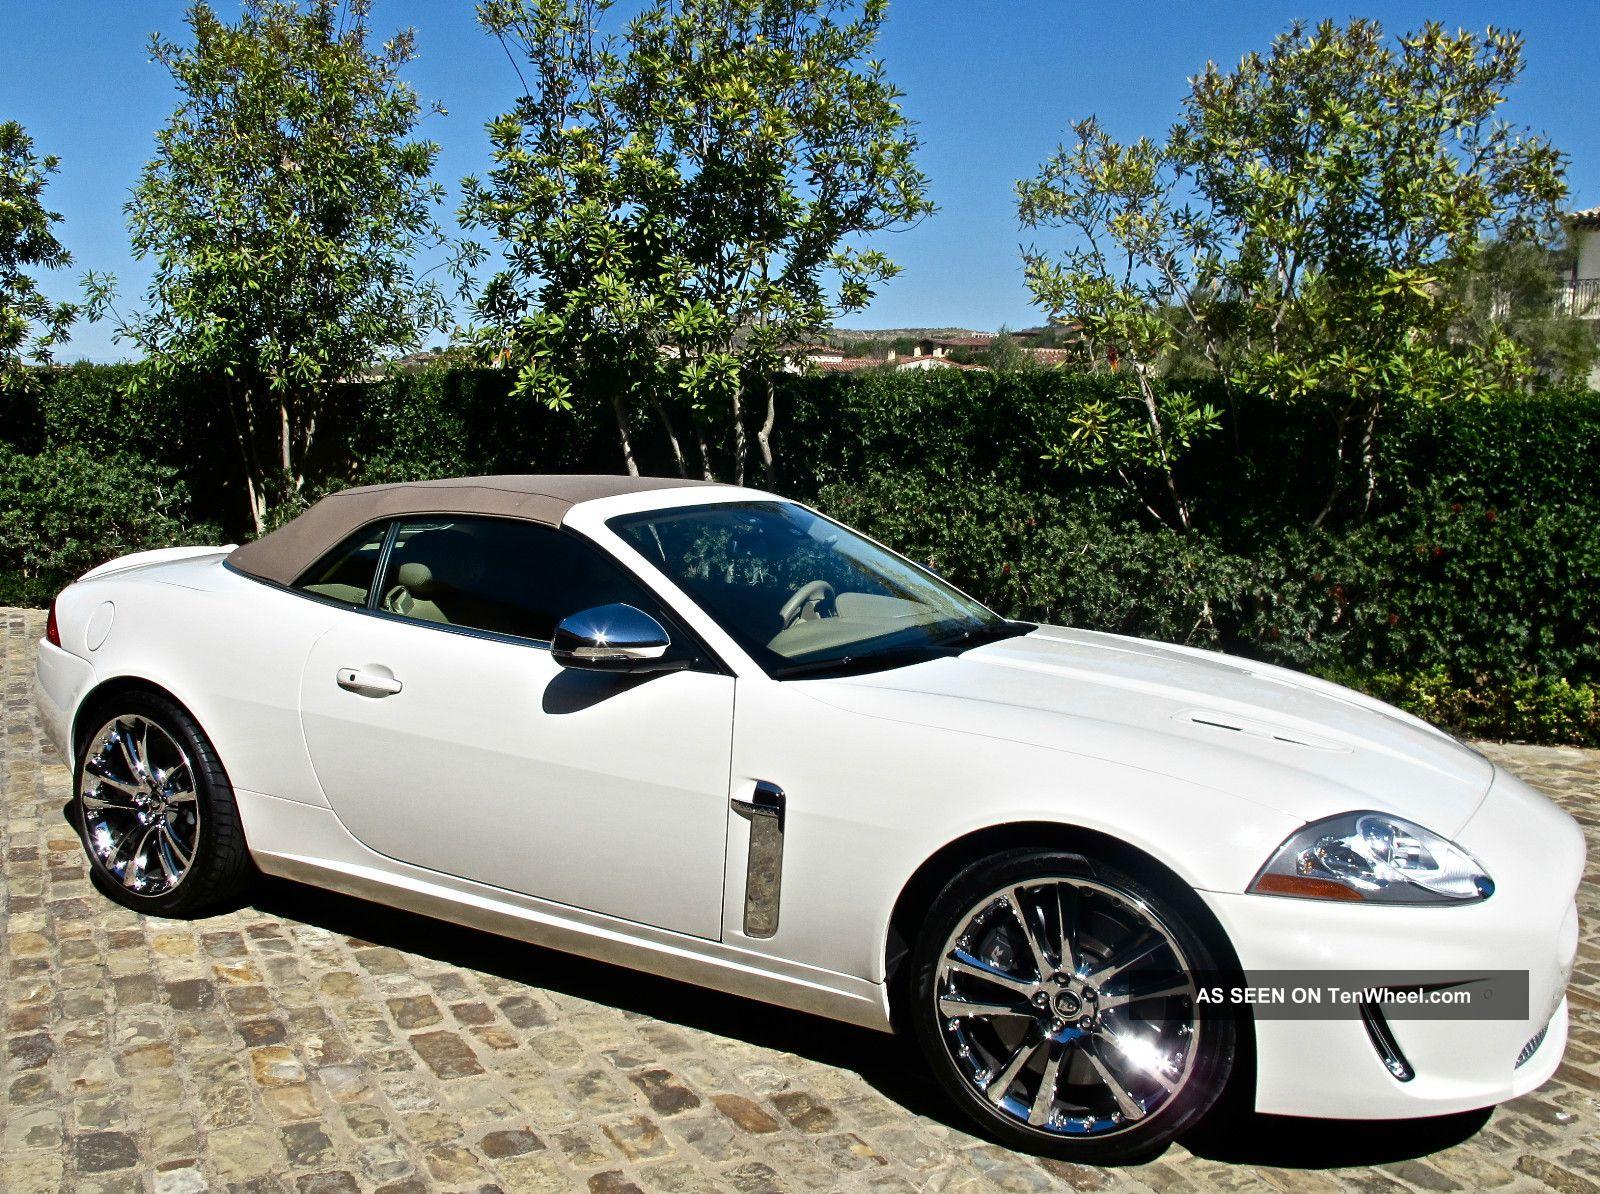 2010 Jaguar Xkr Convertible 5 0l W Walnut Burlwood Trim